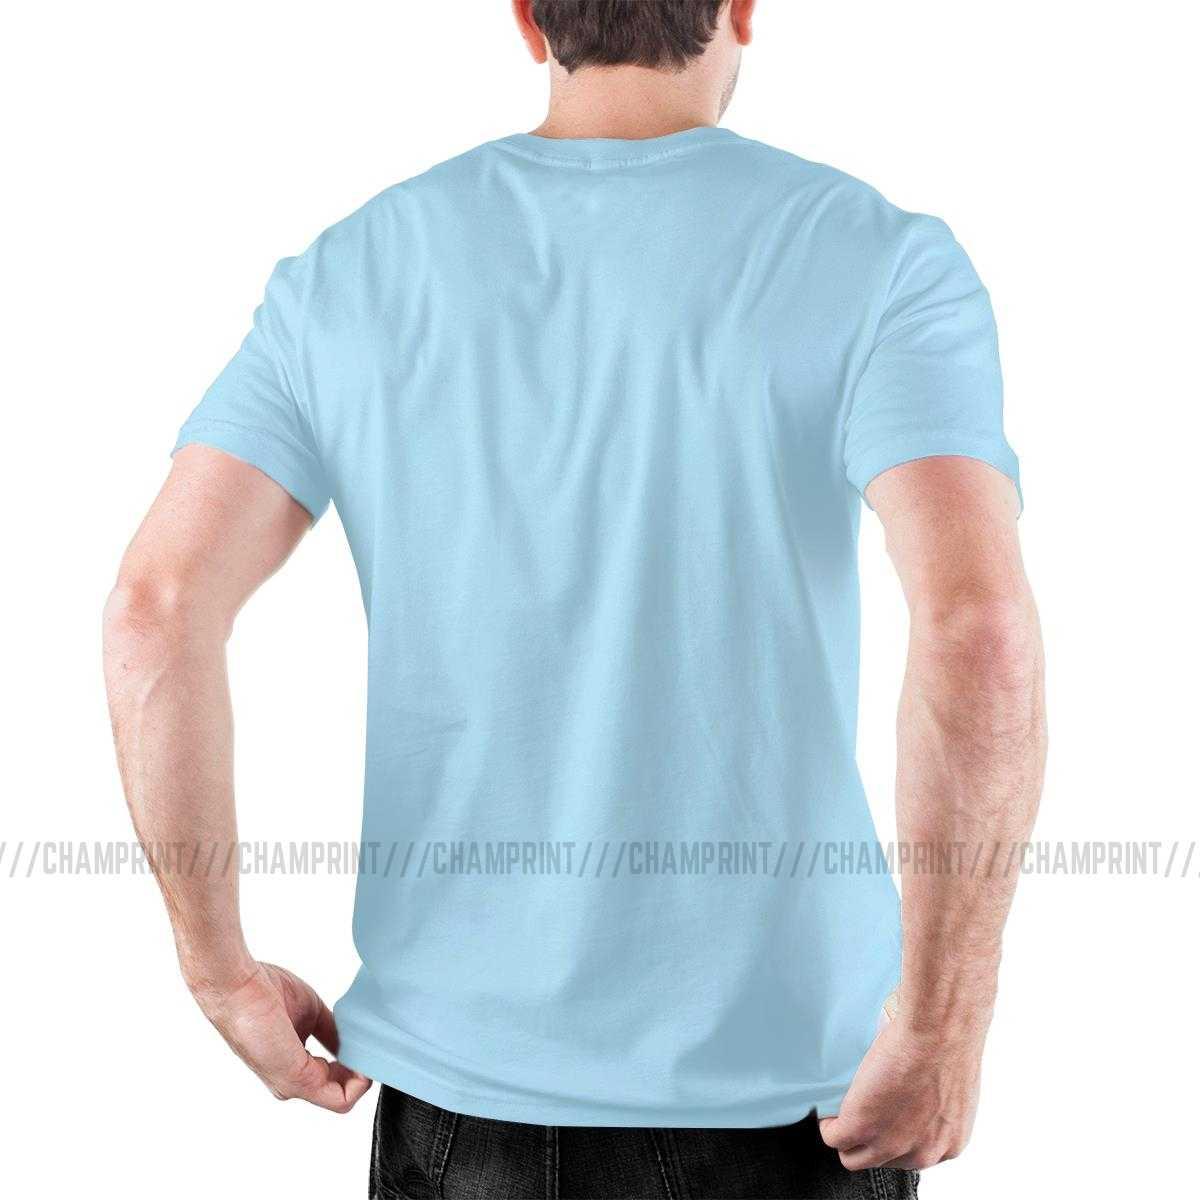 Incredibile Dolce Si Trova Dentista T-Shirt Da Uomo In Puro Cotone T Camicette Odontoiatria Igienista Dentale Dente Denti Manica Corta Tee Shirt Partito